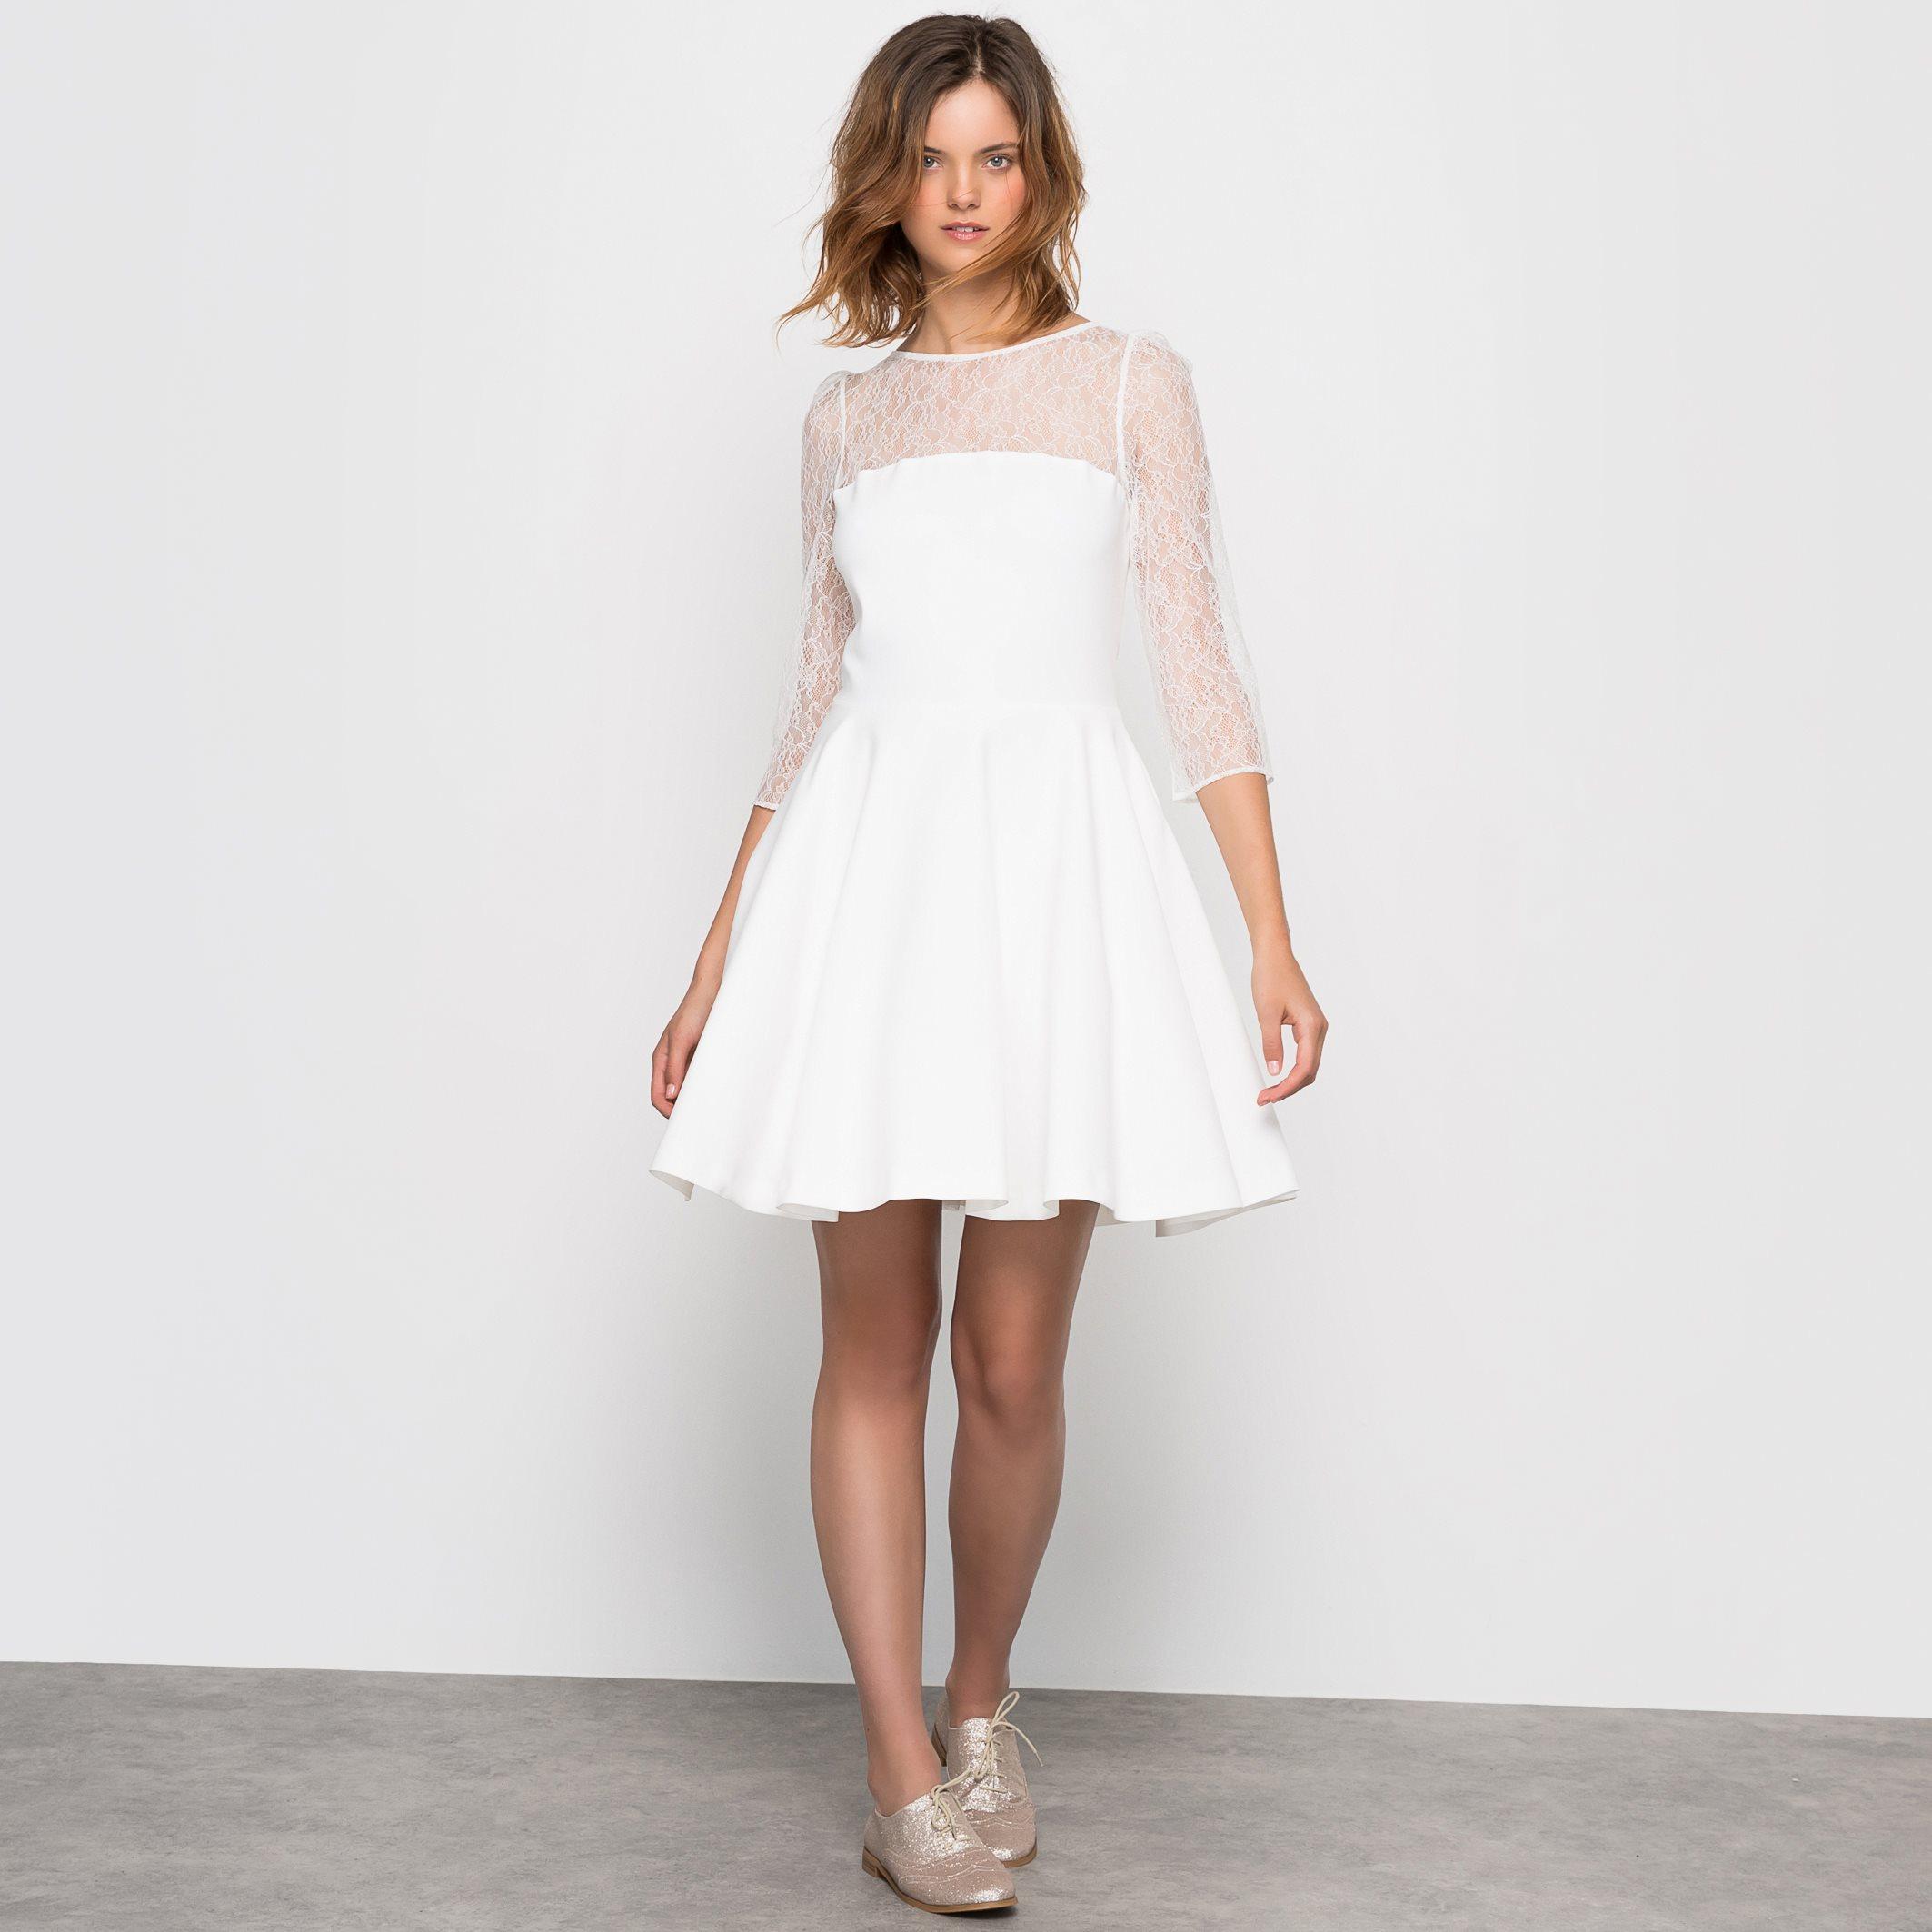 Свадьба в коротком платье